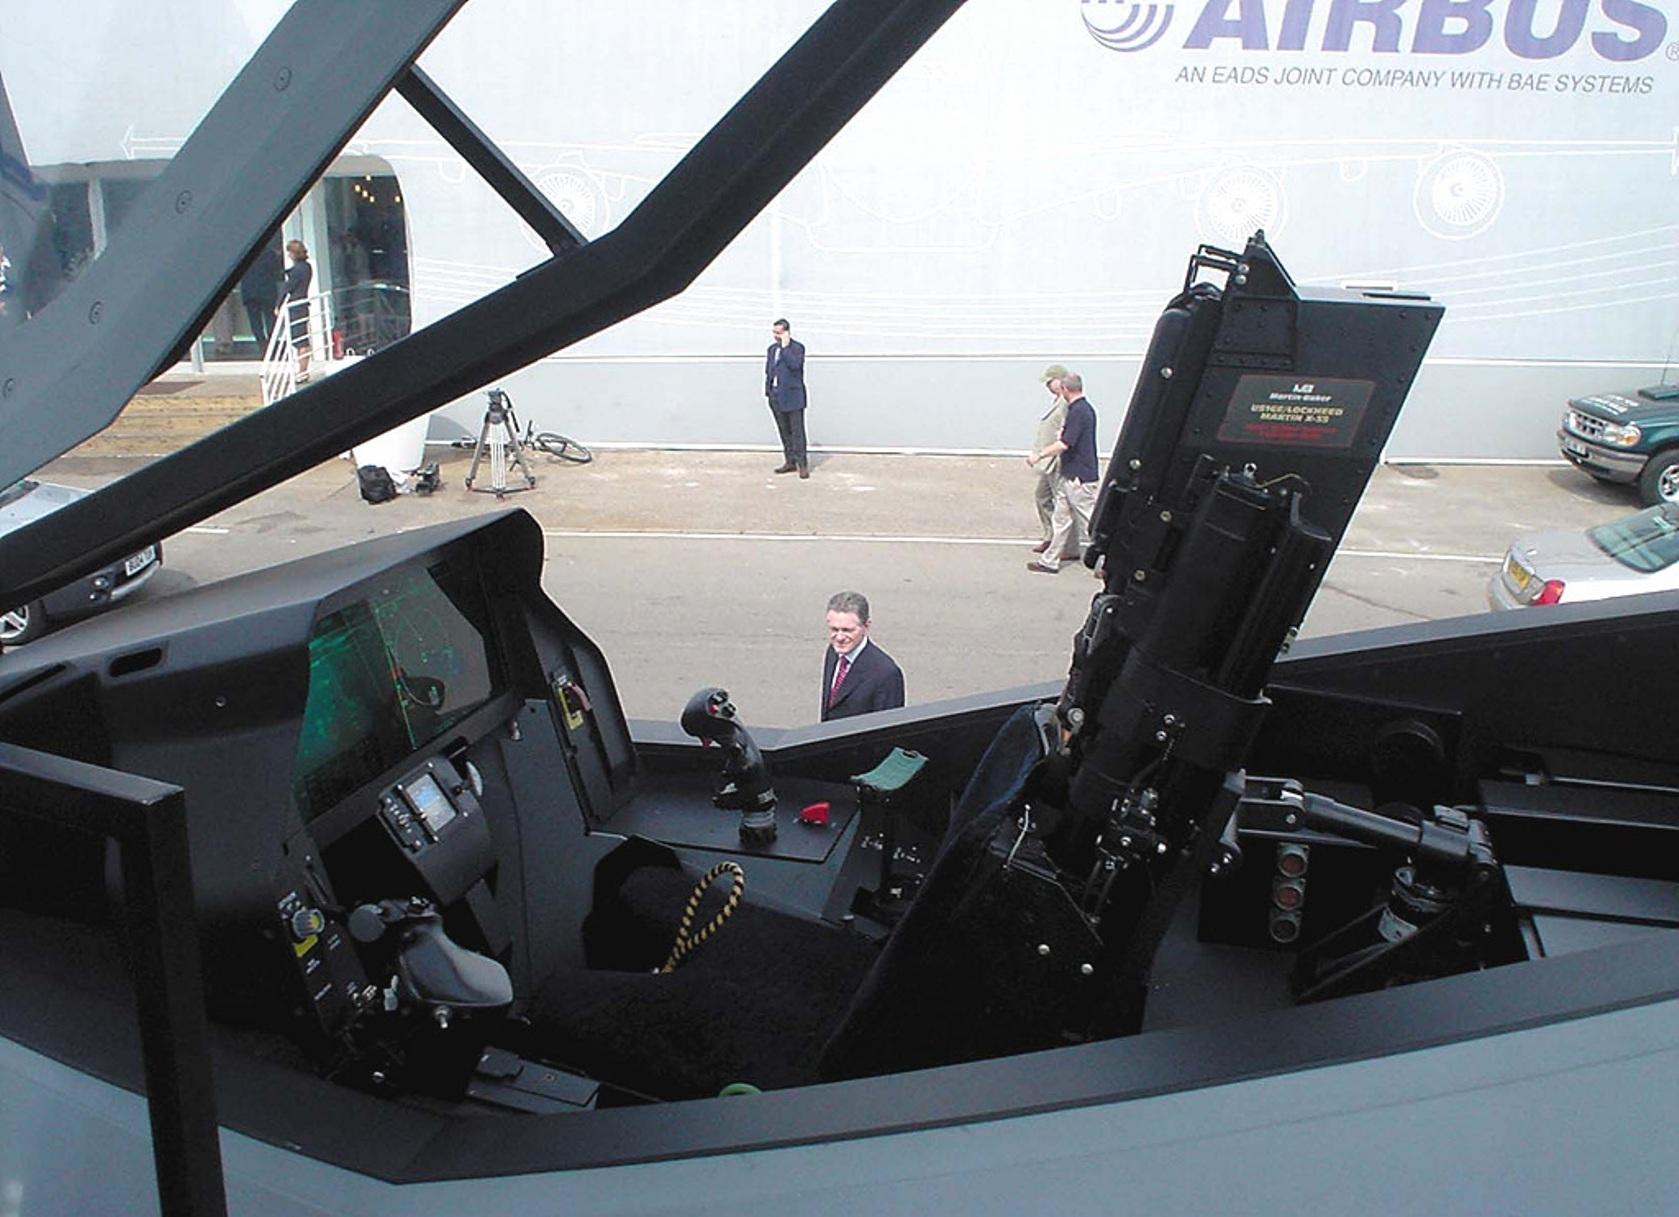 АВИАЦИОННЫЙ ФОРУМ на AVIA.RU - кабины F-22 и F-35 где можно гляныть?